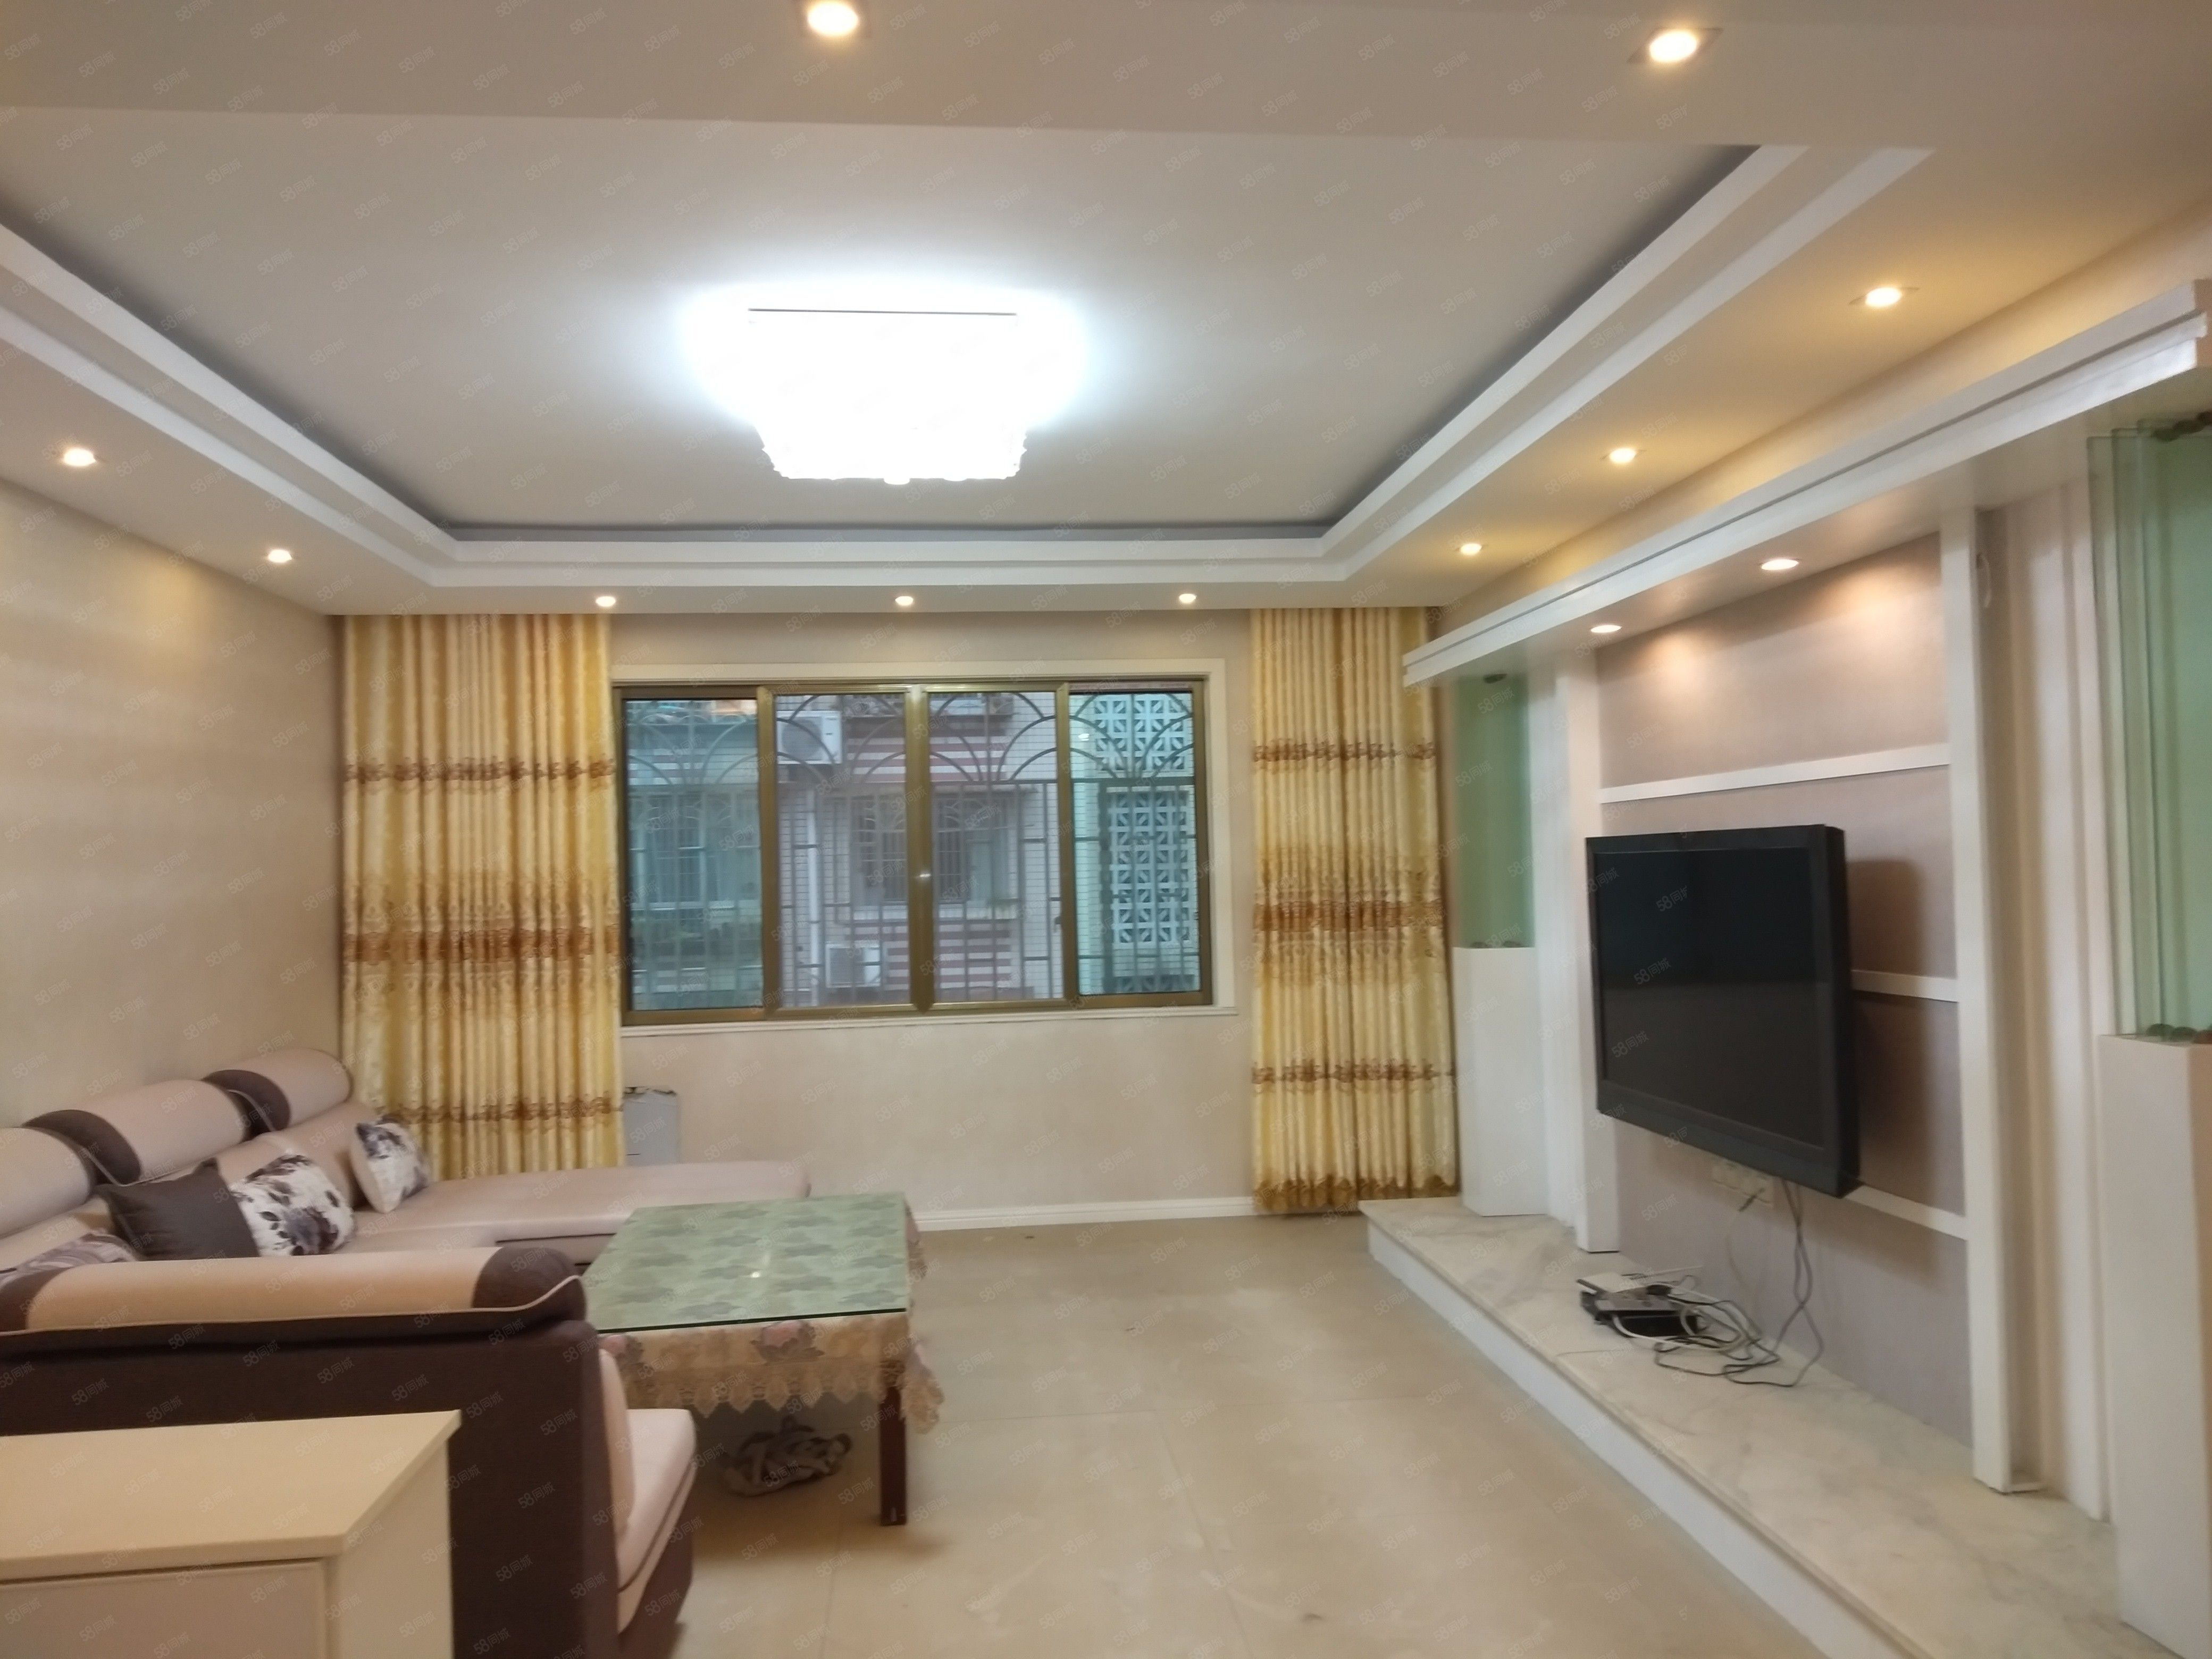 蓮峰公園旁3樓143平米3樓精裝3室2廳1衛標價69.8萬